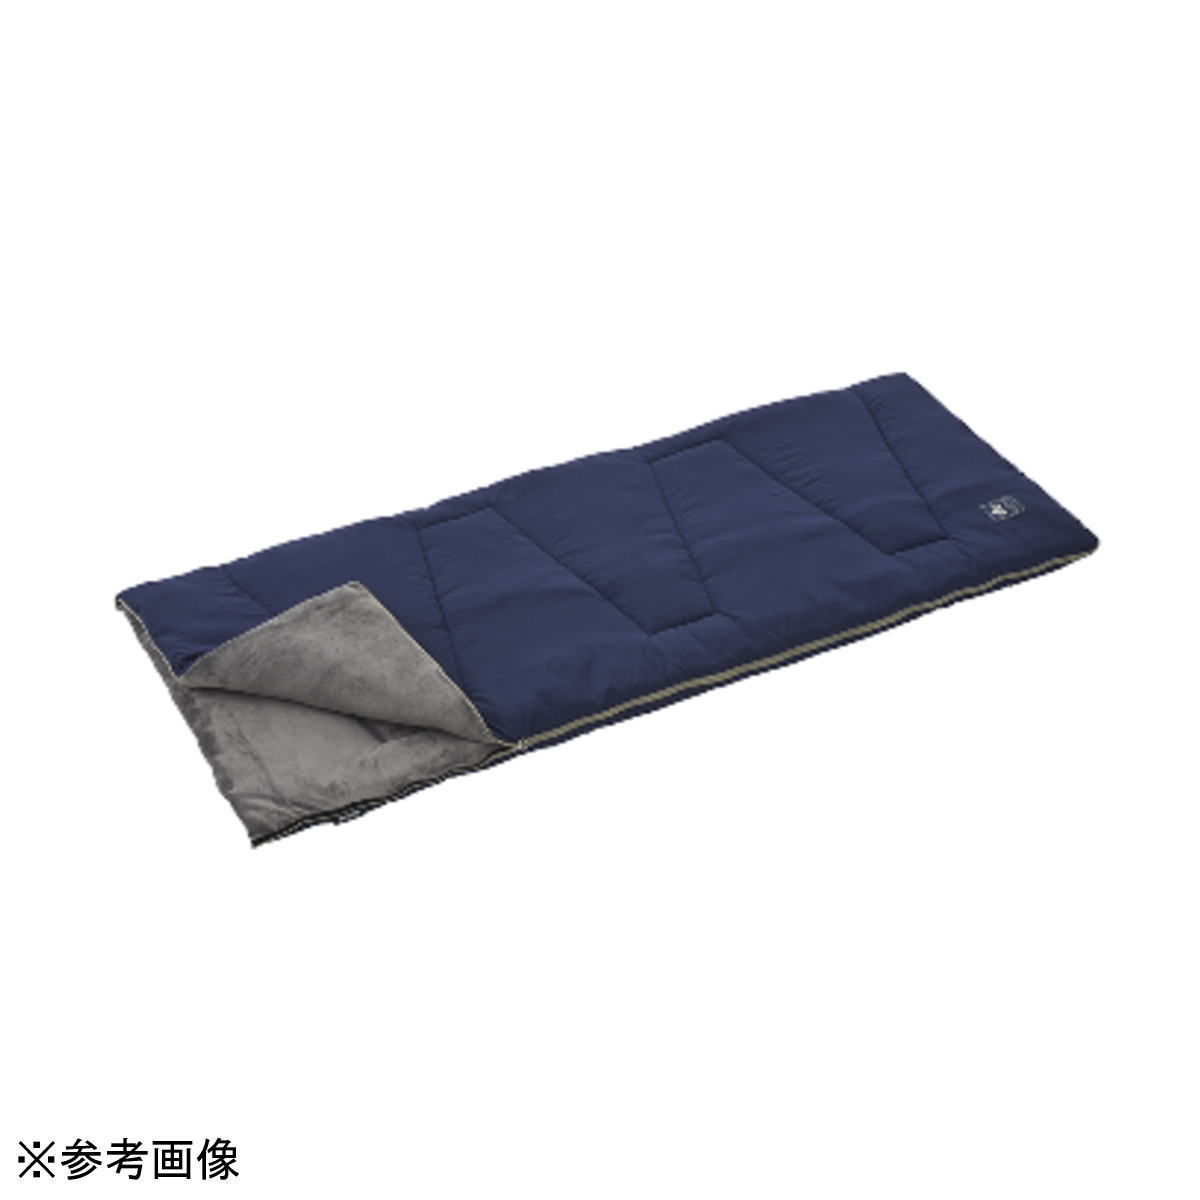 【送料無料5】ロゴス 丸洗いソフトタッチシュラフ・0